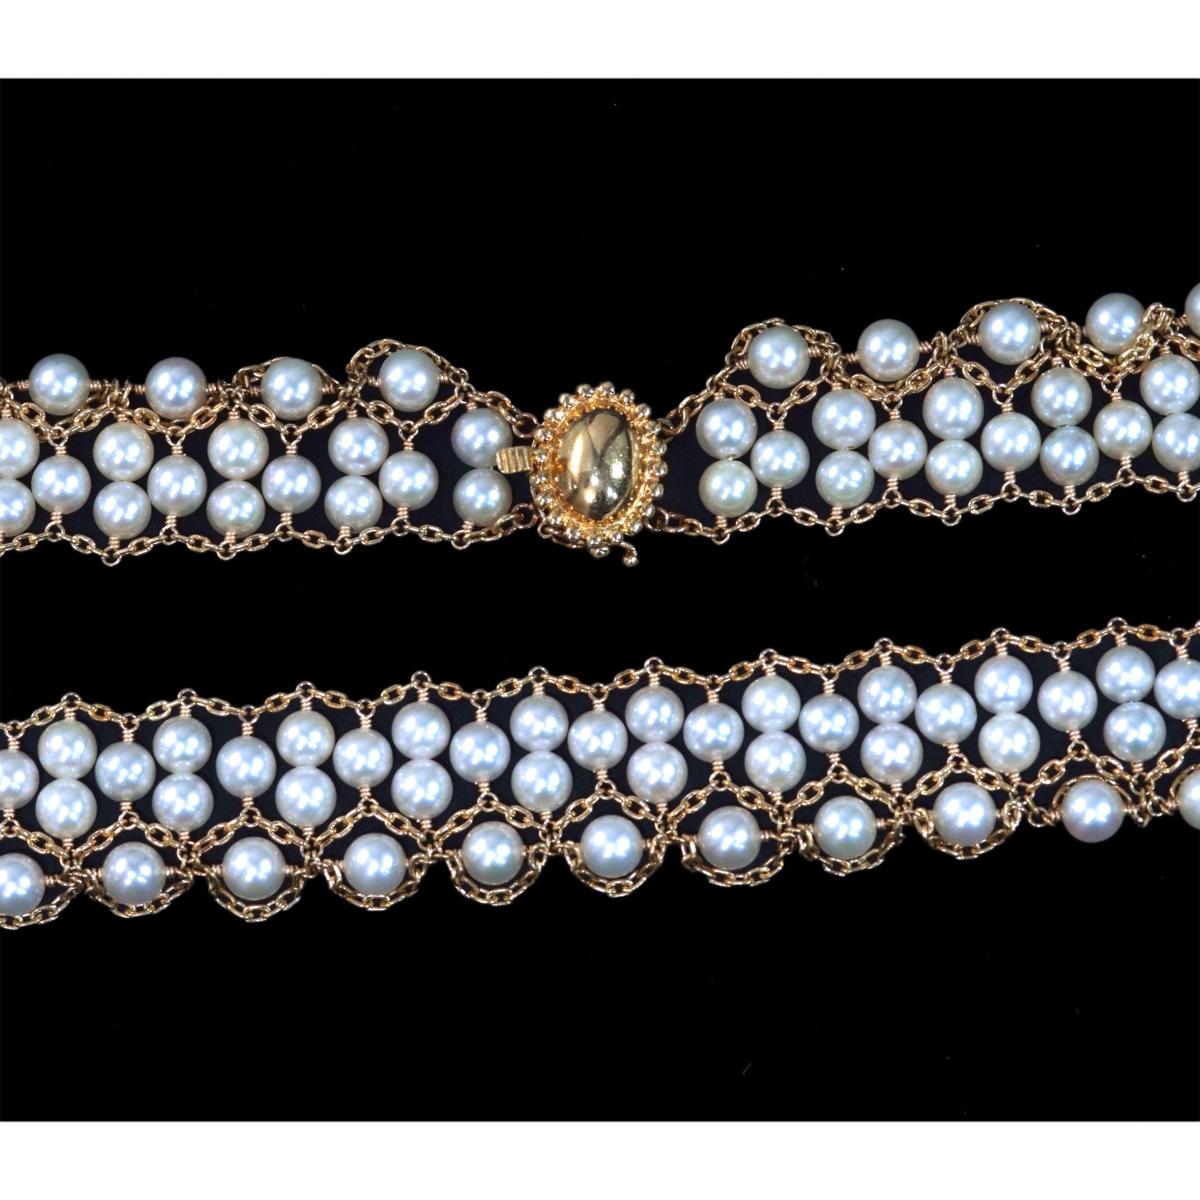 F0420 アコヤ真珠ベビーパール4.5~4.0mm 最高級18金無垢ネックレス 長さ40.5cm 重量35.5g 縦幅19.0mm_画像2